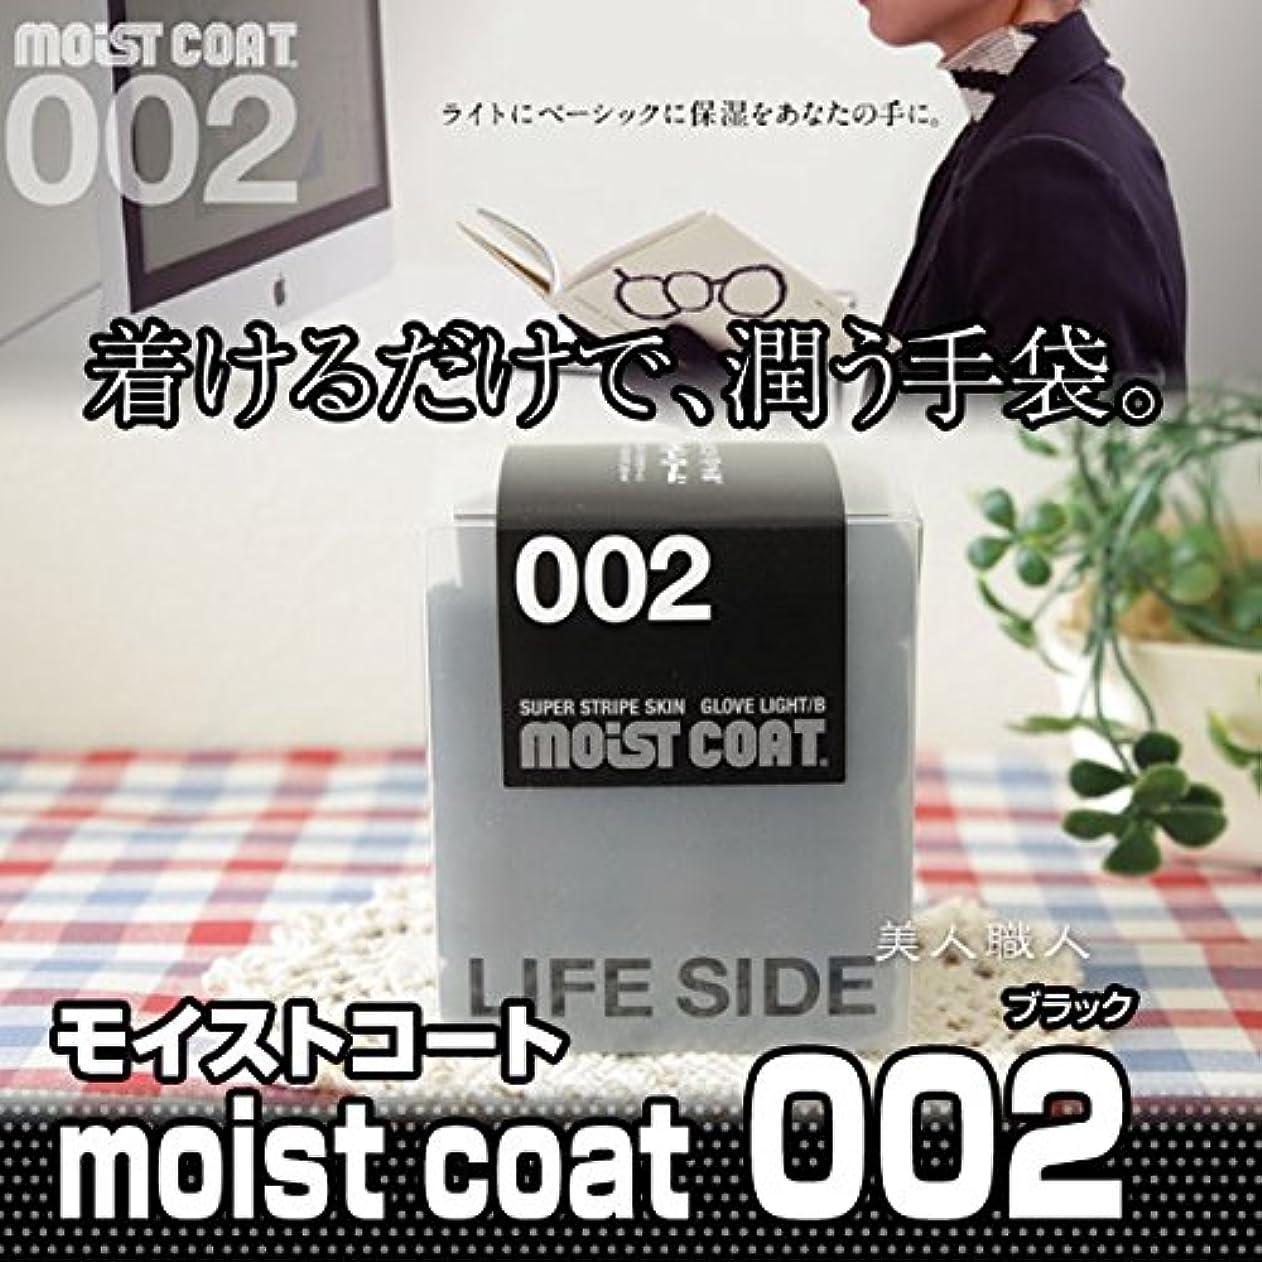 全能まばたき適応するコラーゲン手袋 モイストコート002 ブラック